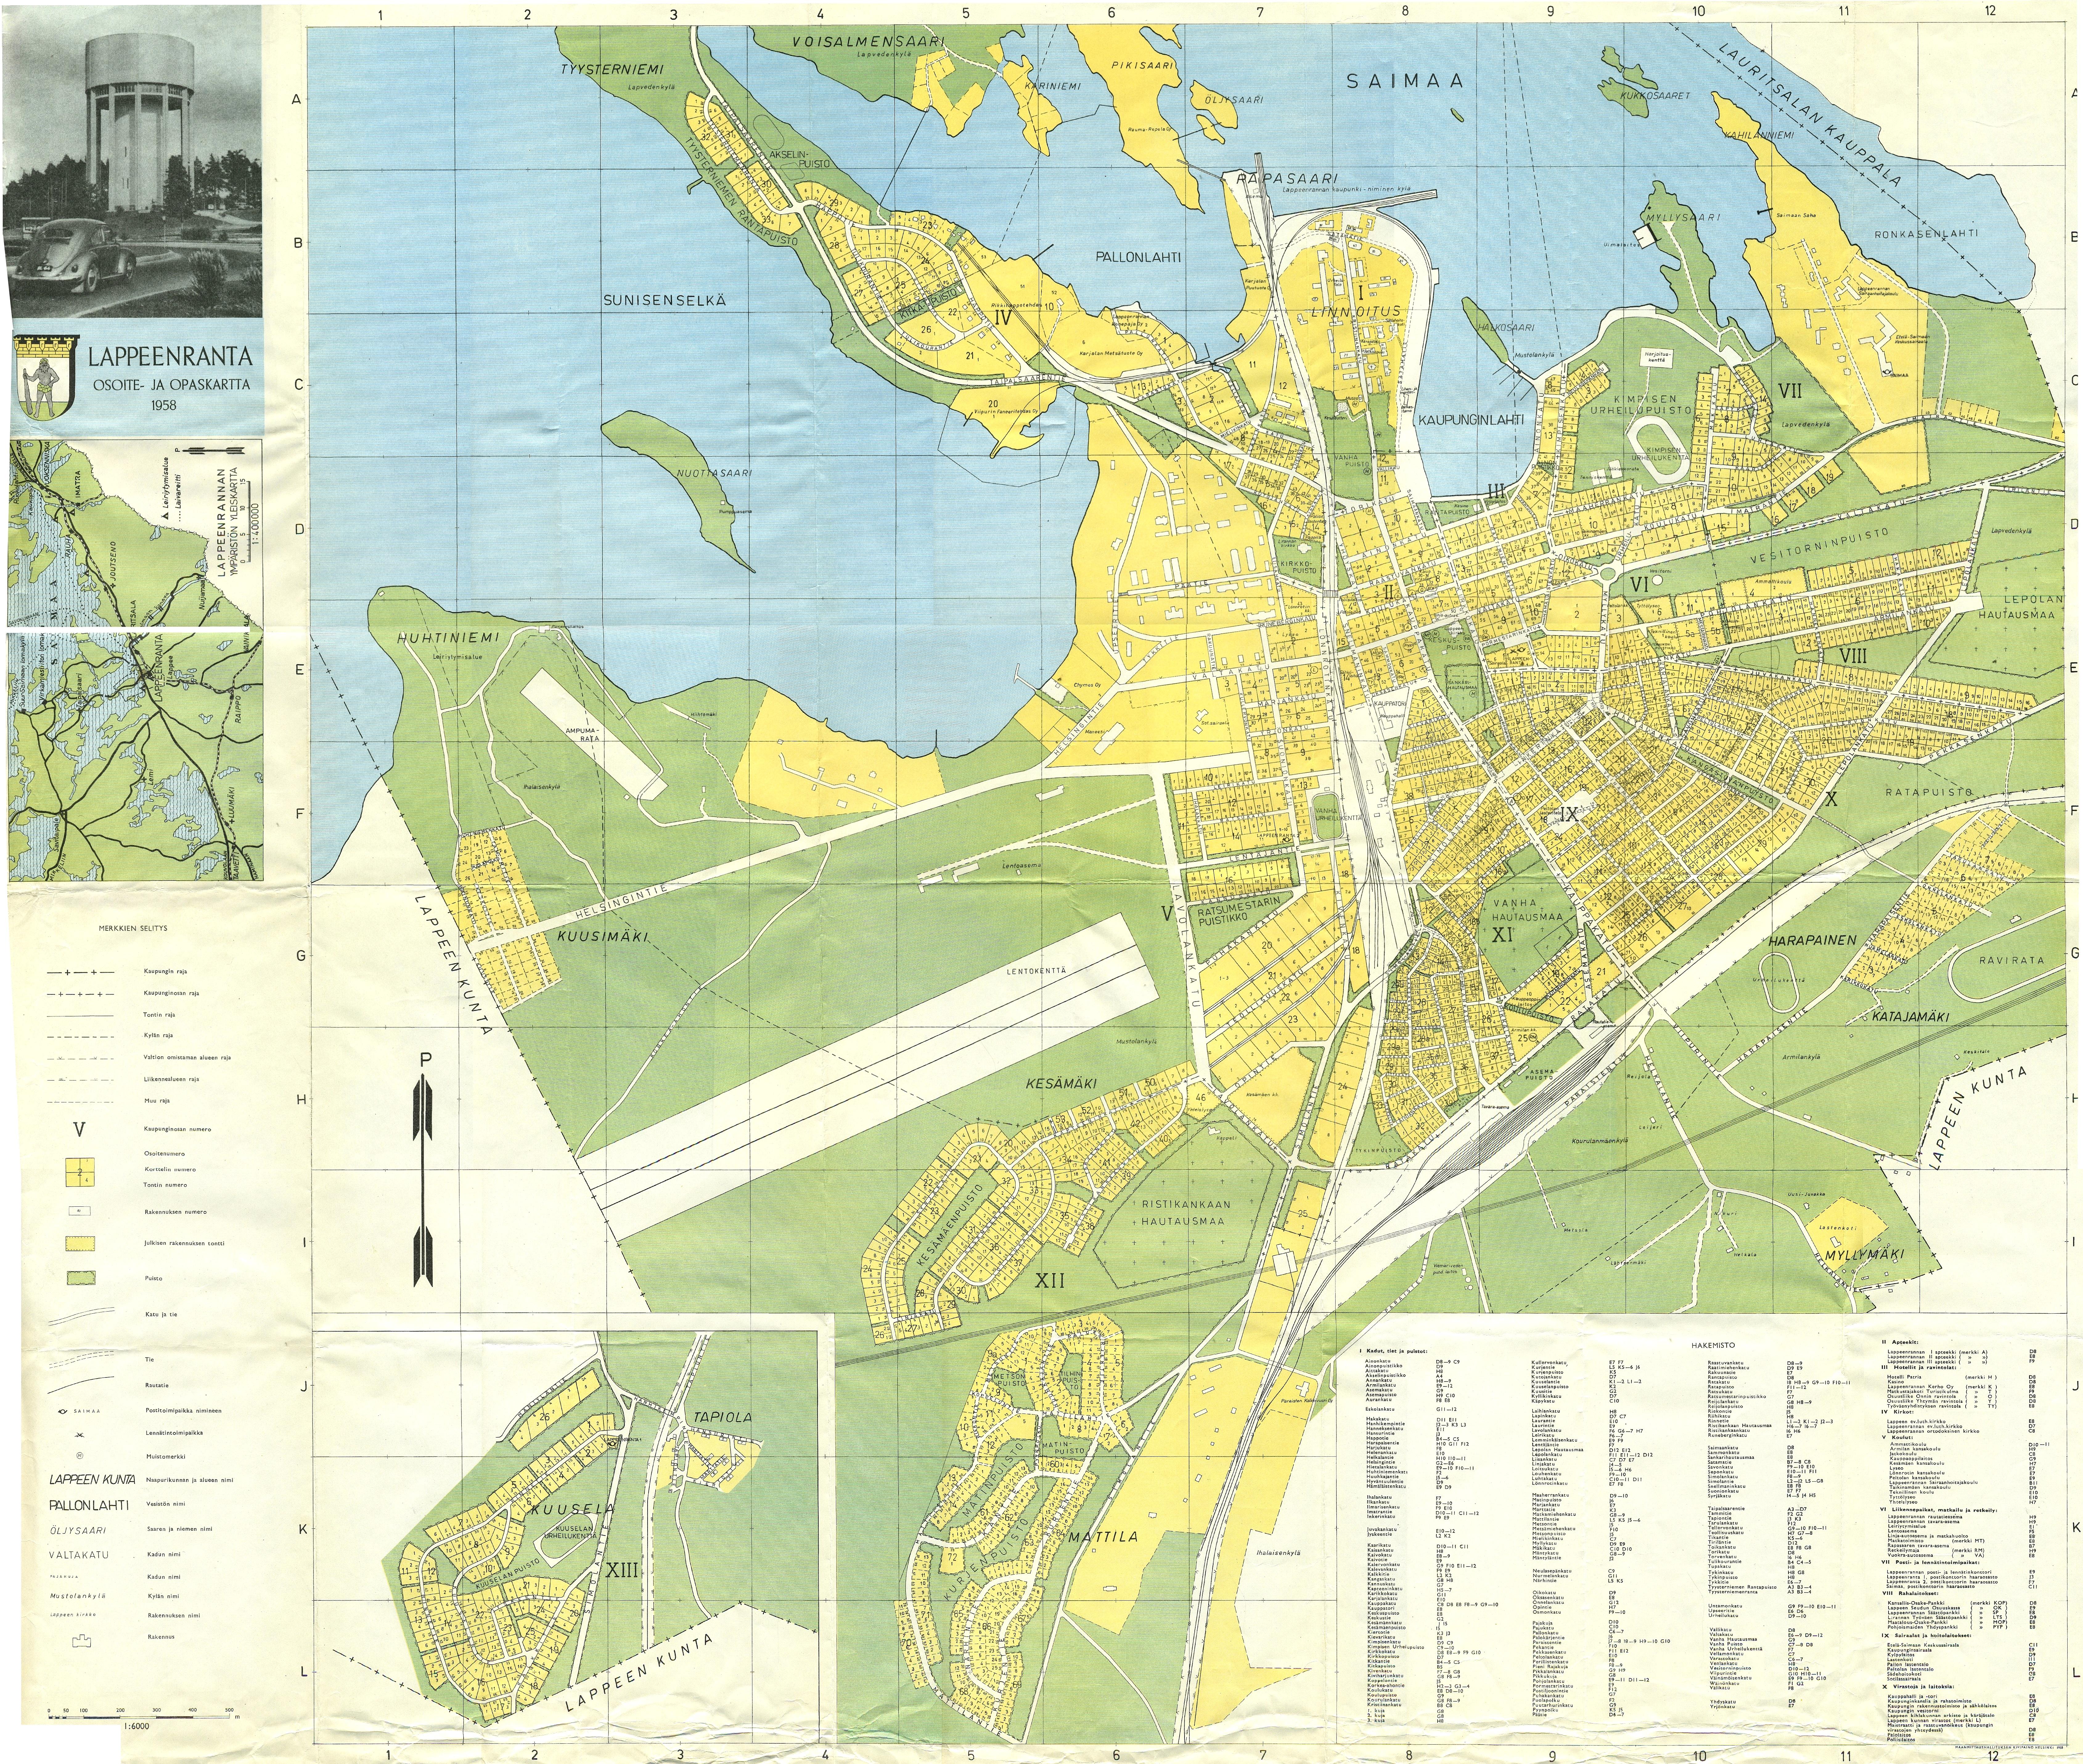 Lappeenrantaopaskartta 1958